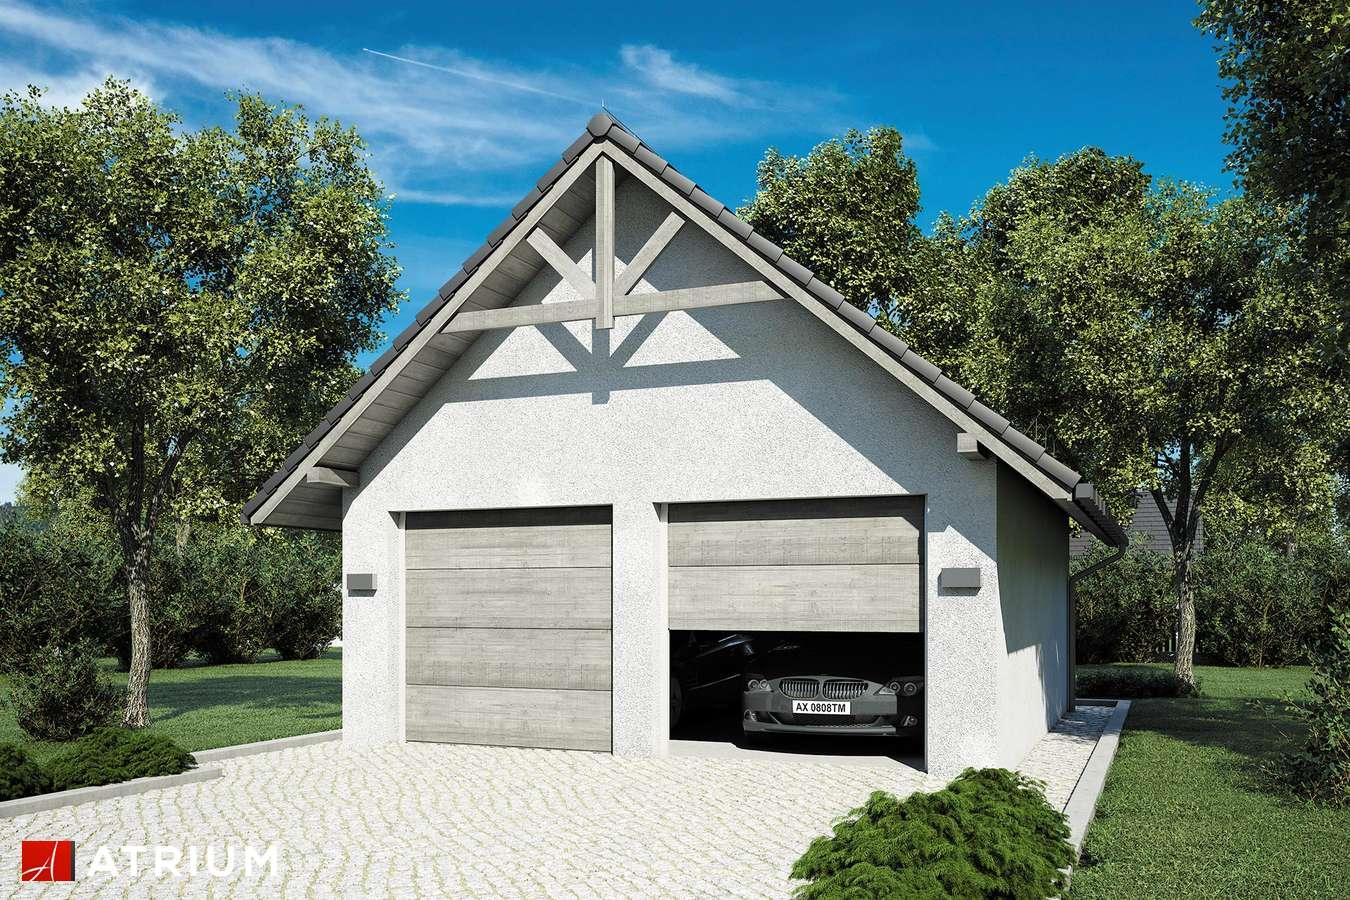 Garaż Z 6 - wizualizacja 2